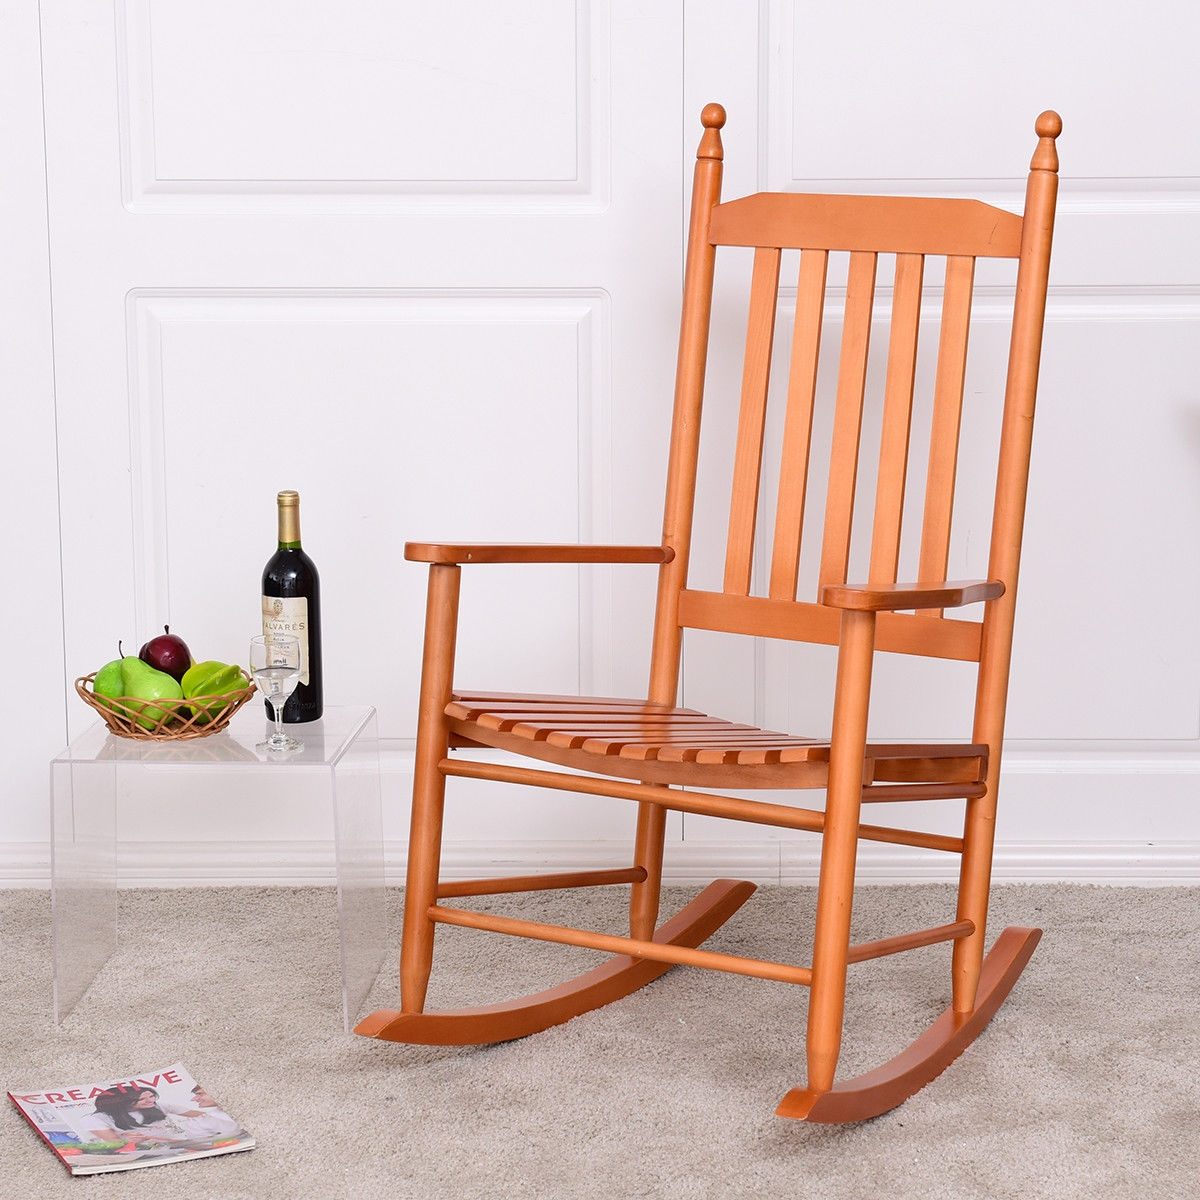 Wooden Balcony Deck Garden Porch Armchair Rocking Chair-Walnut